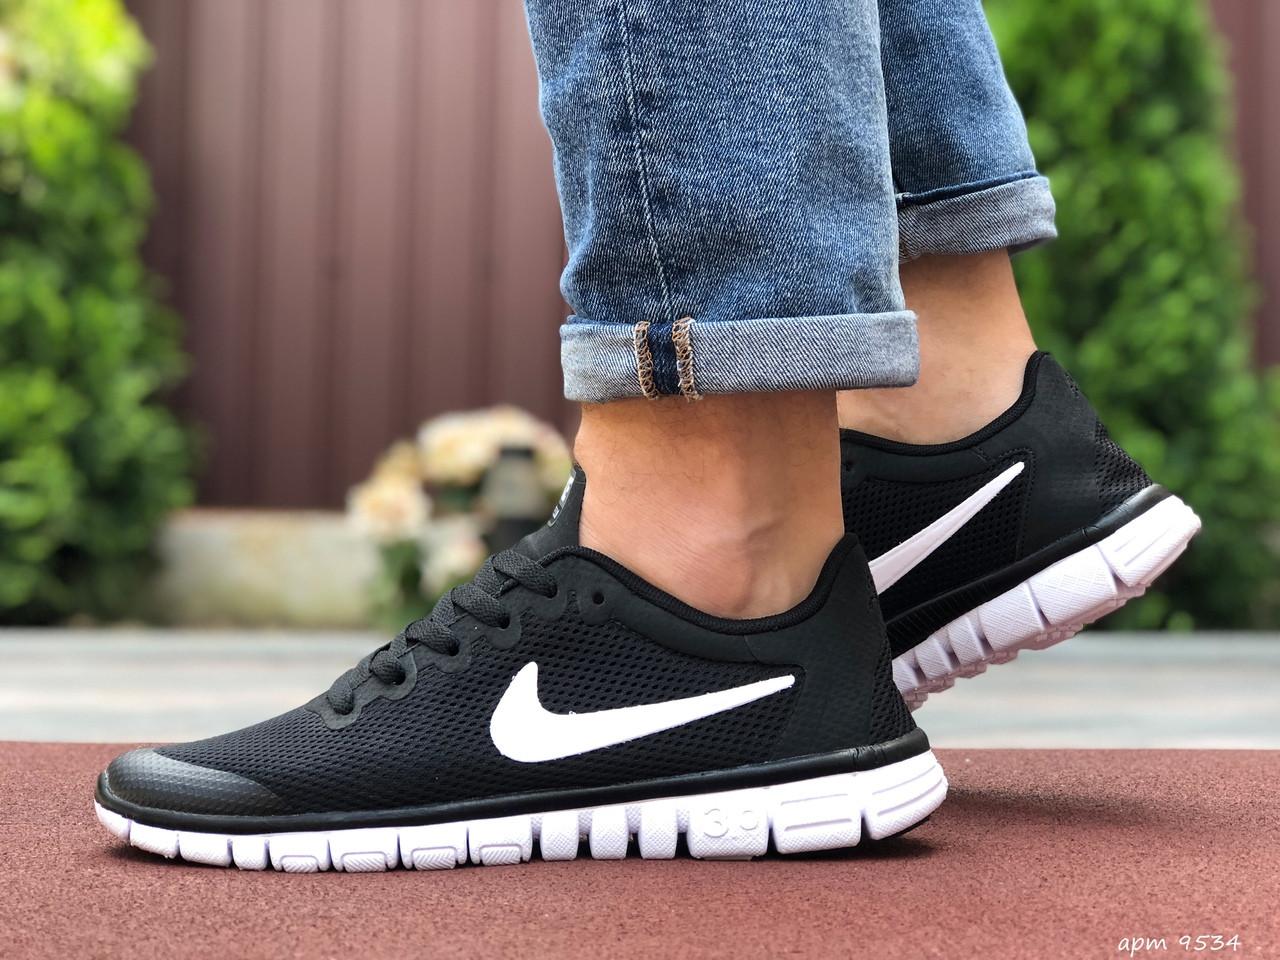 Чоловічі кросівки літні сітка Nike Air чорно-білі